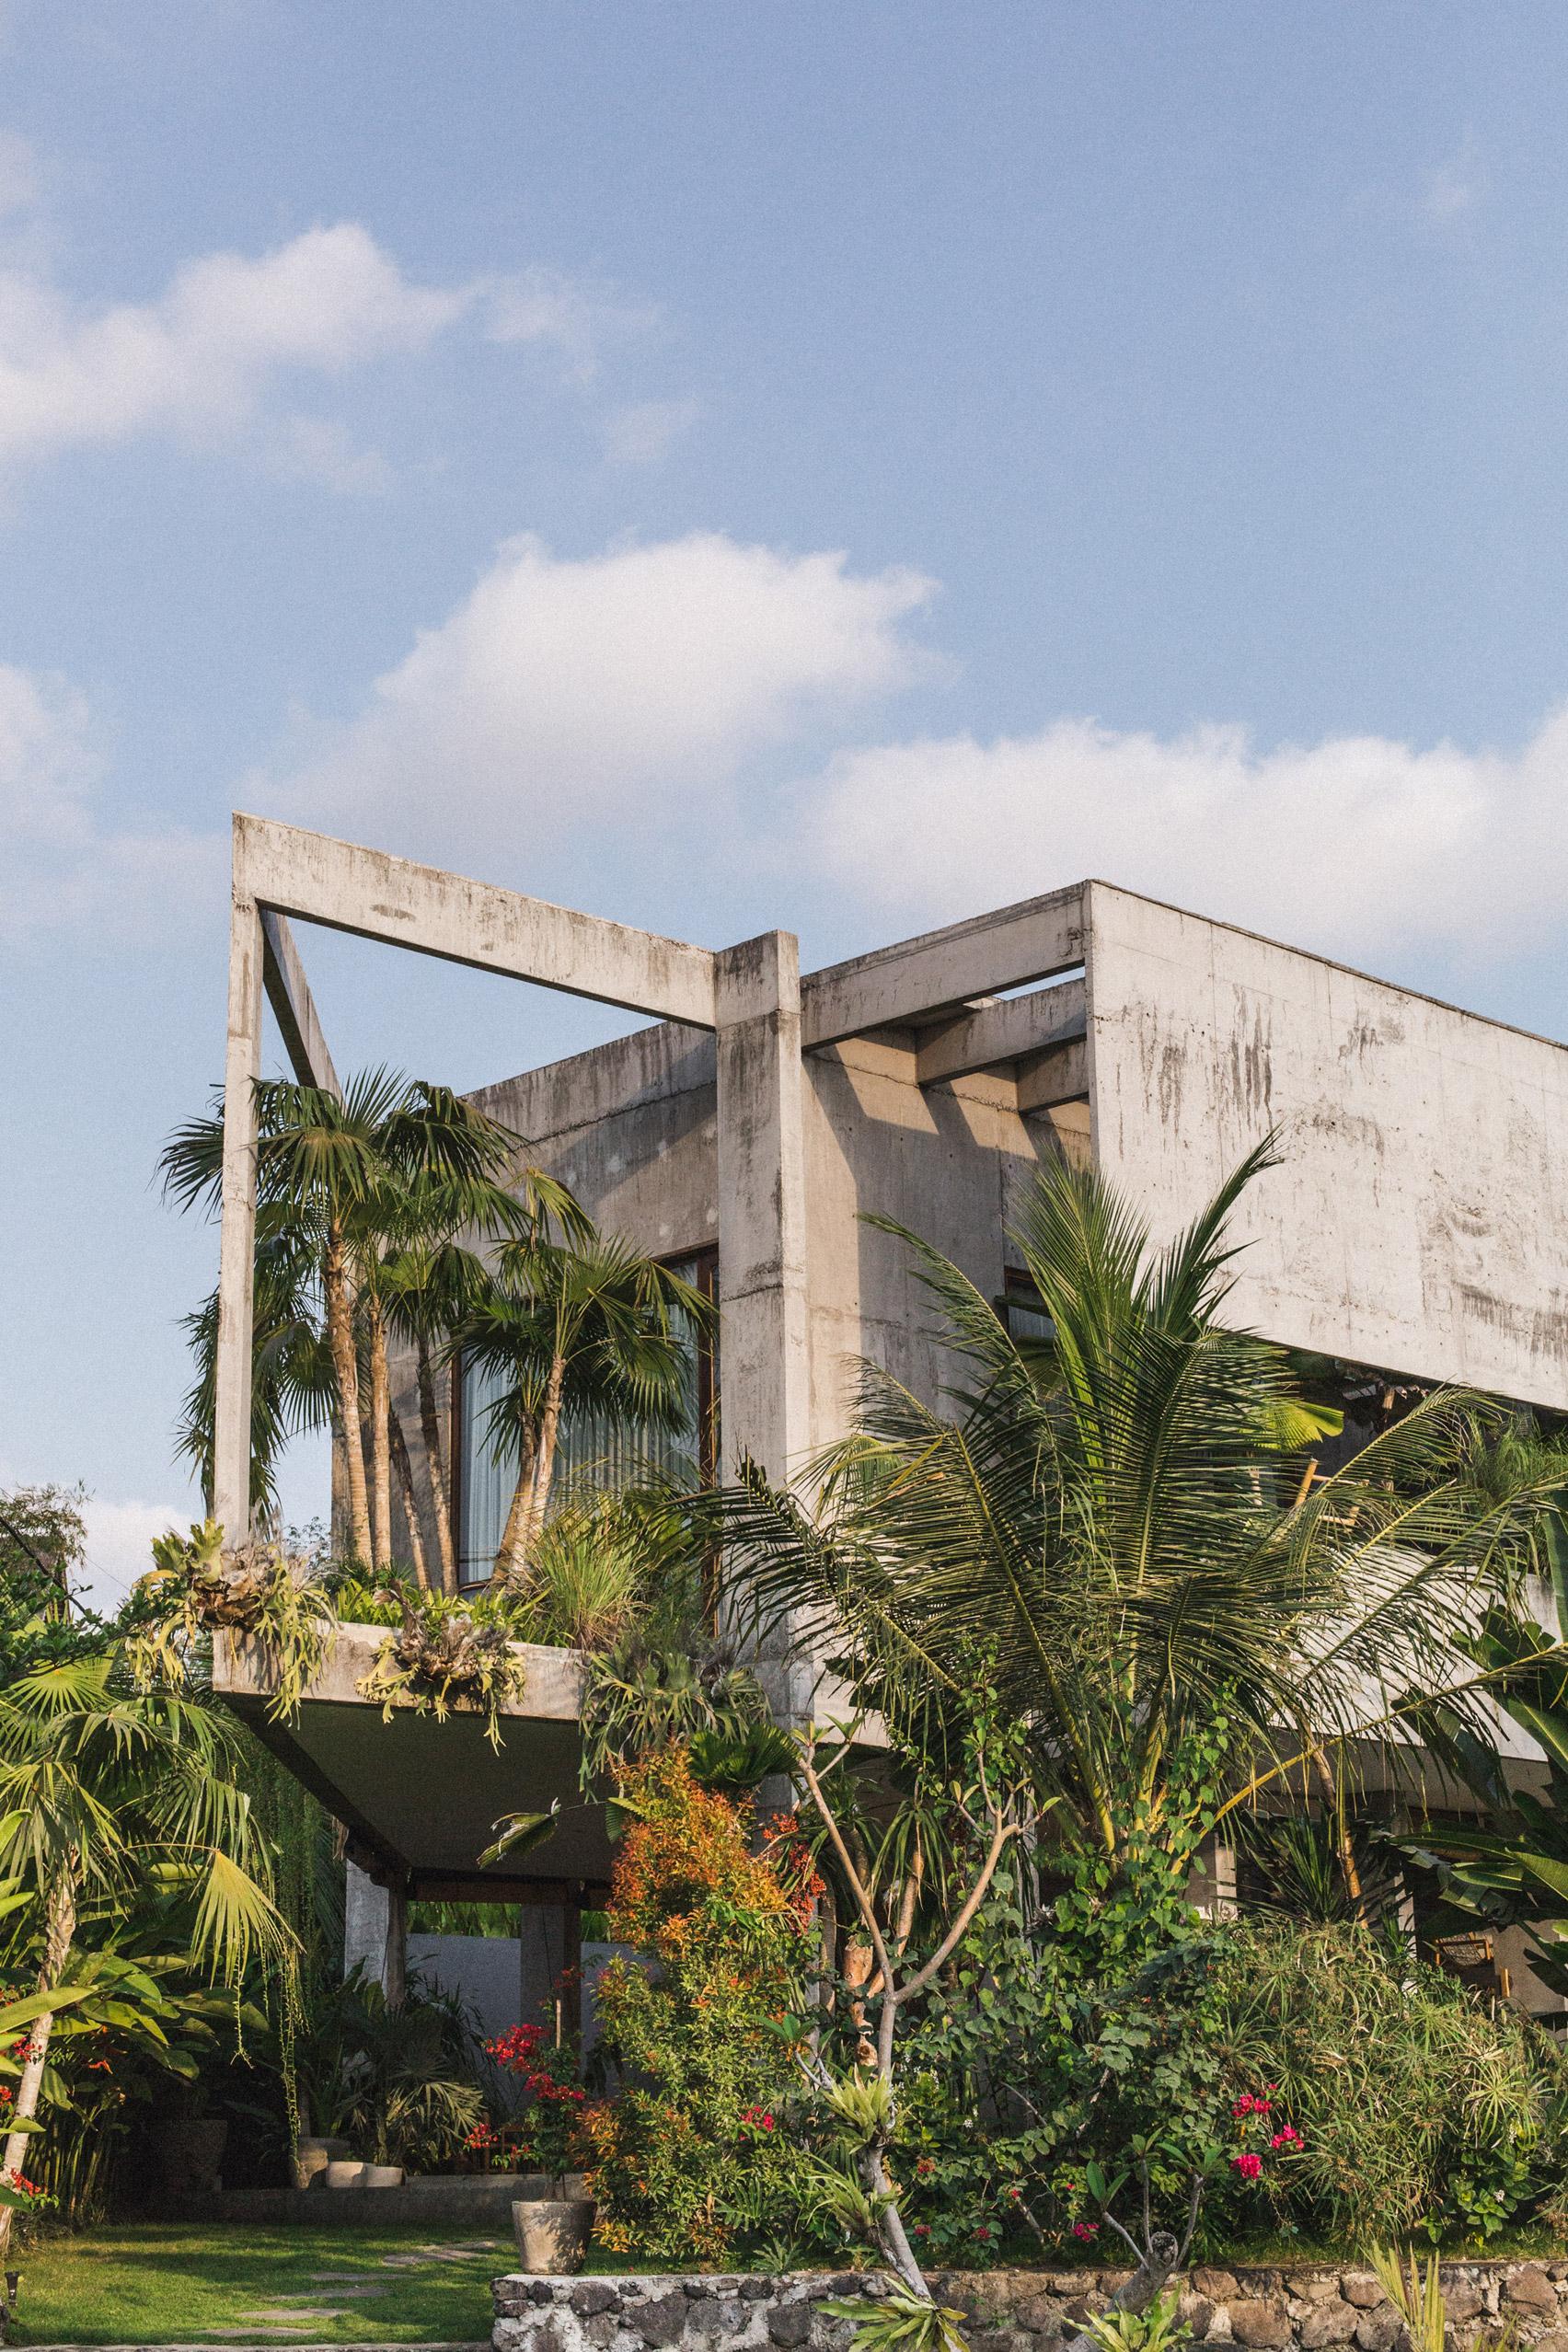 Ngôi nhà đầy sắc màu nhiệt đới với cây xanh phủ kín mọi góc nhìn - Ảnh 1.